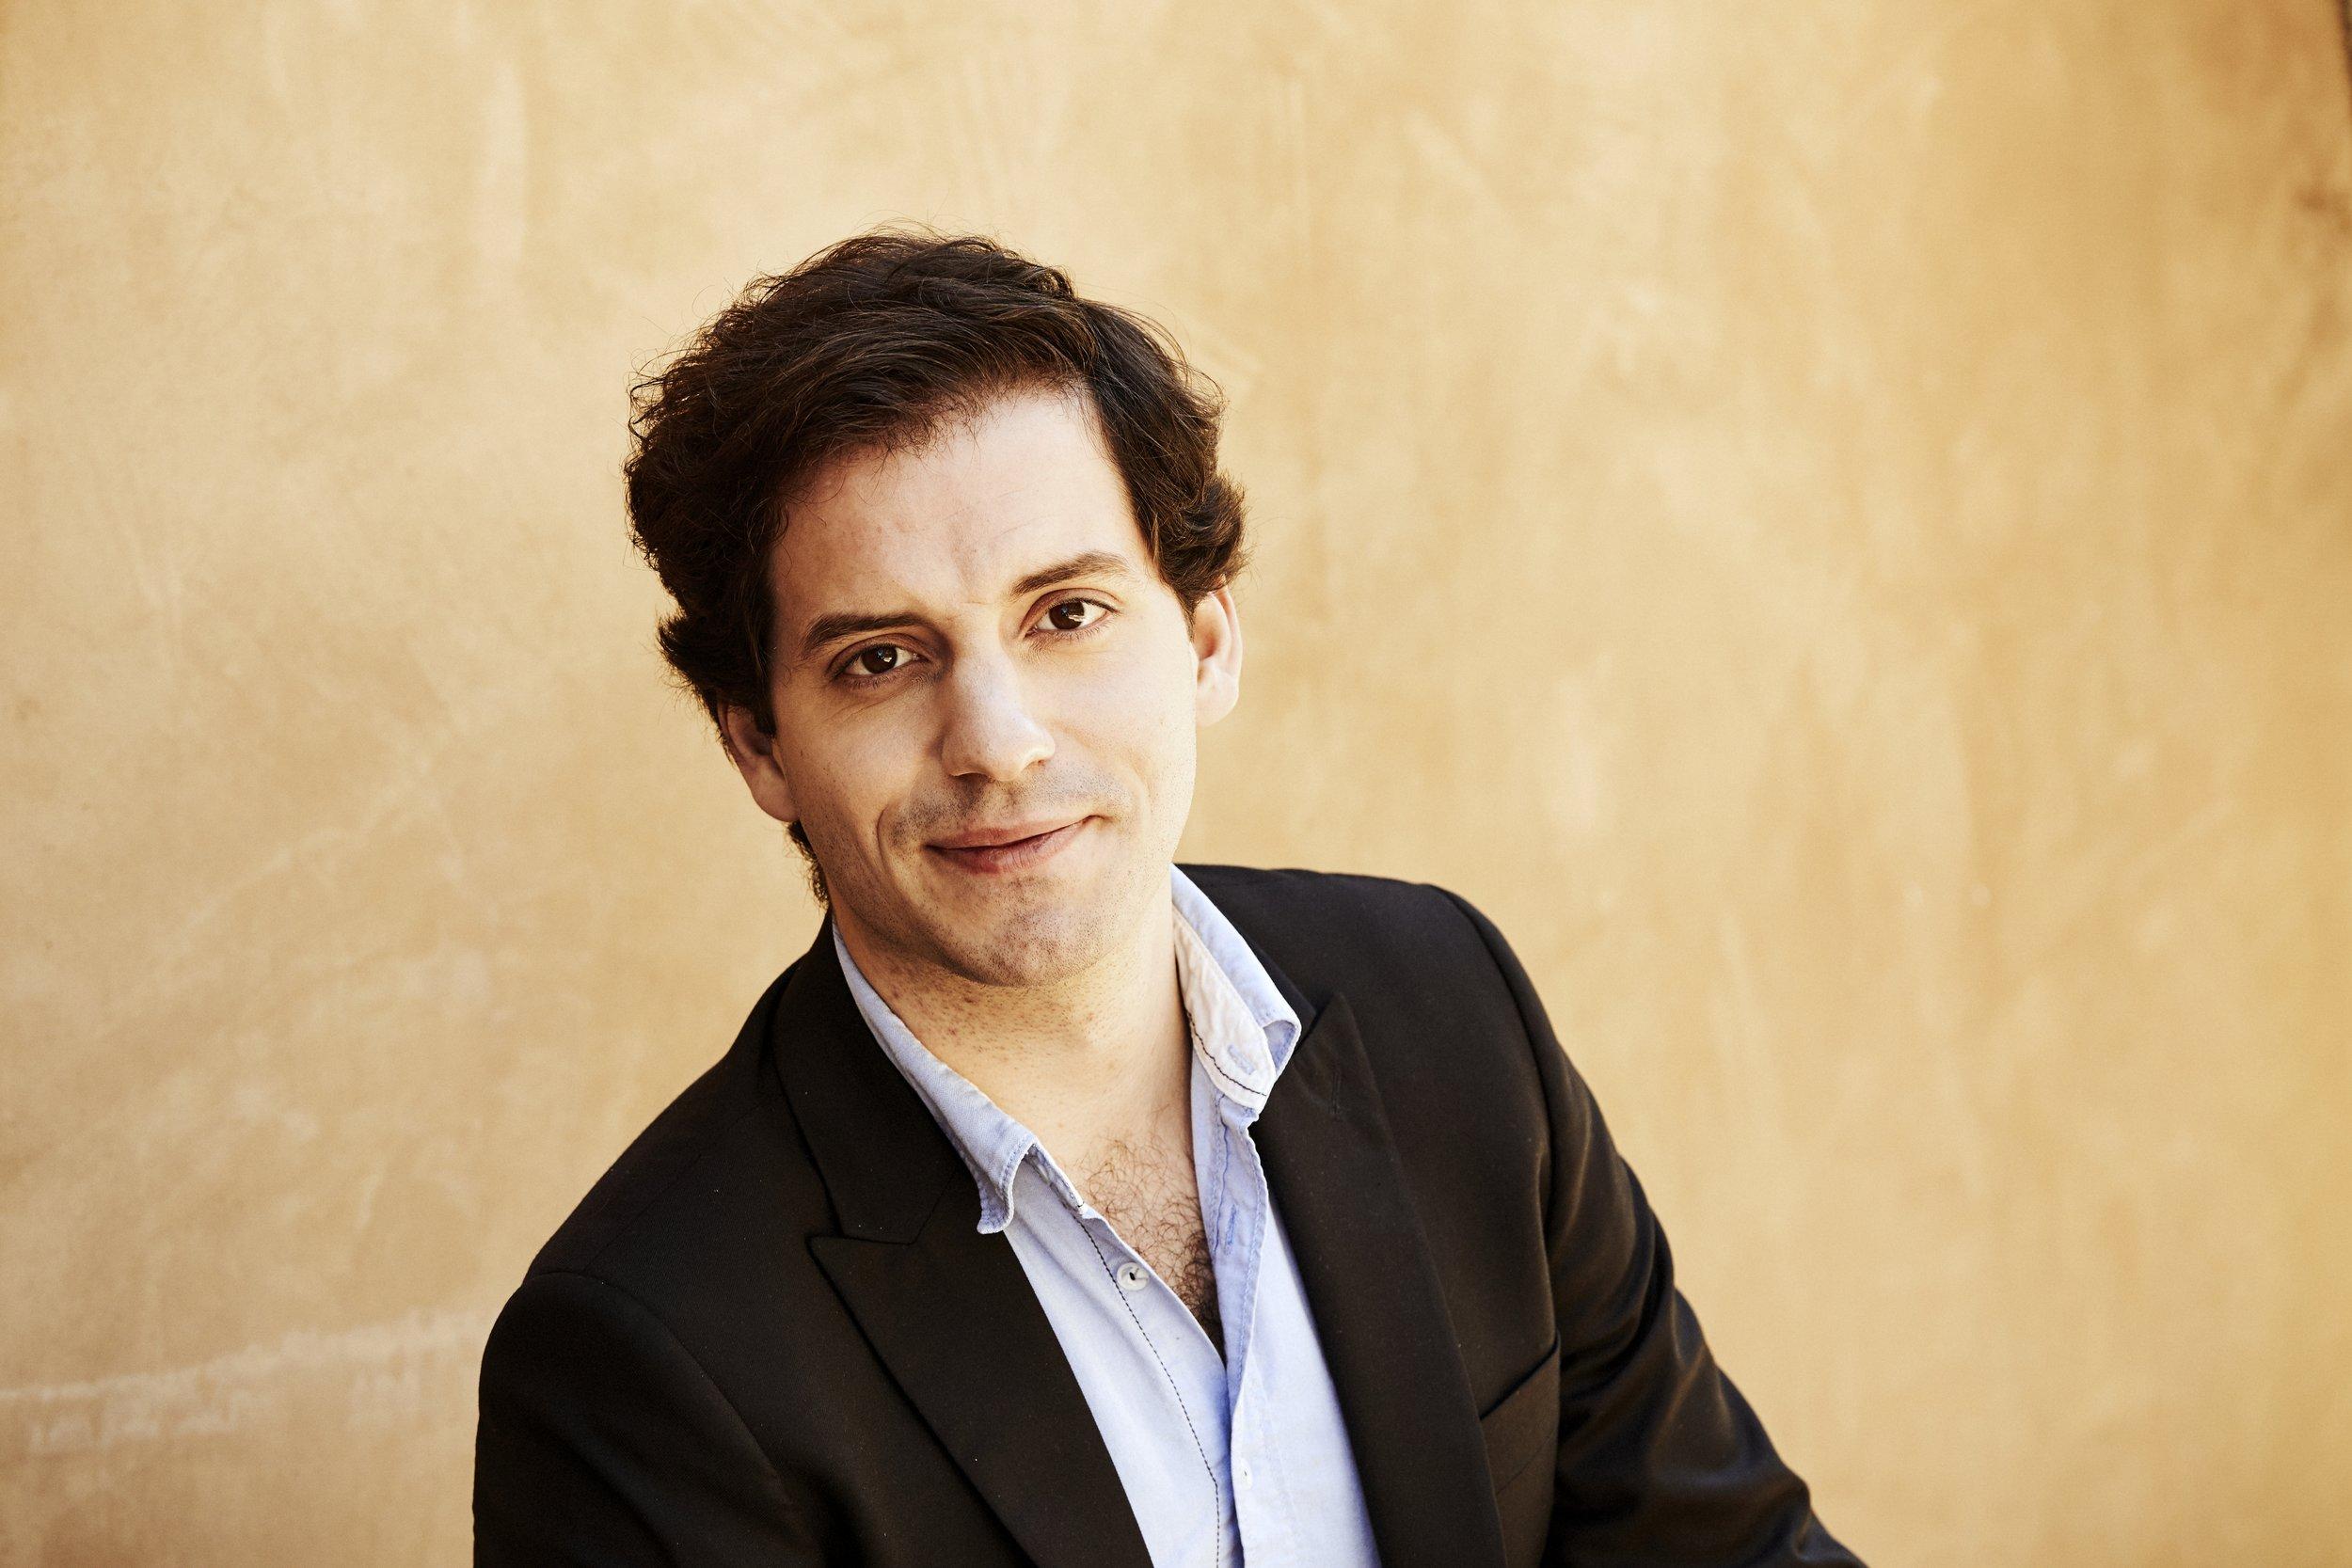 Sérgio Coelho, photo 2.jpg